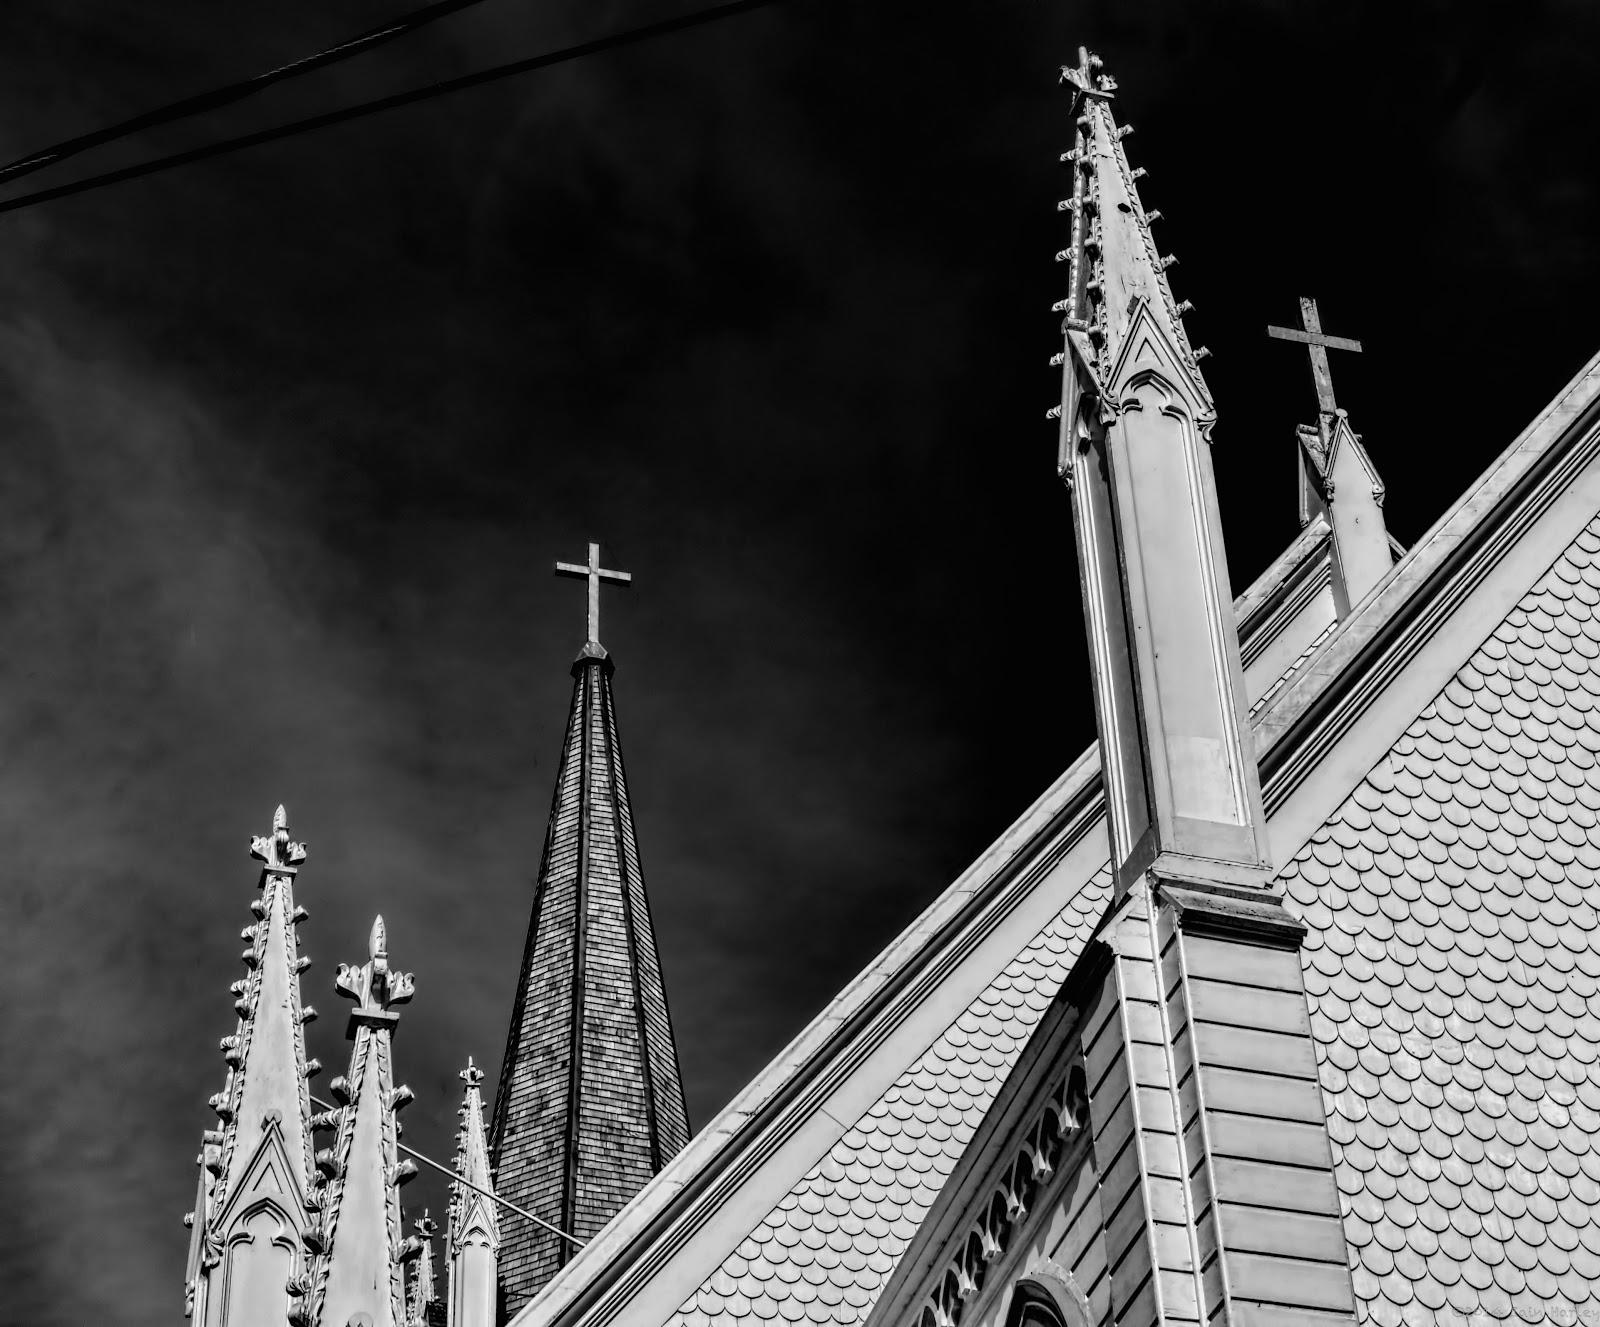 Church Spires in black & white